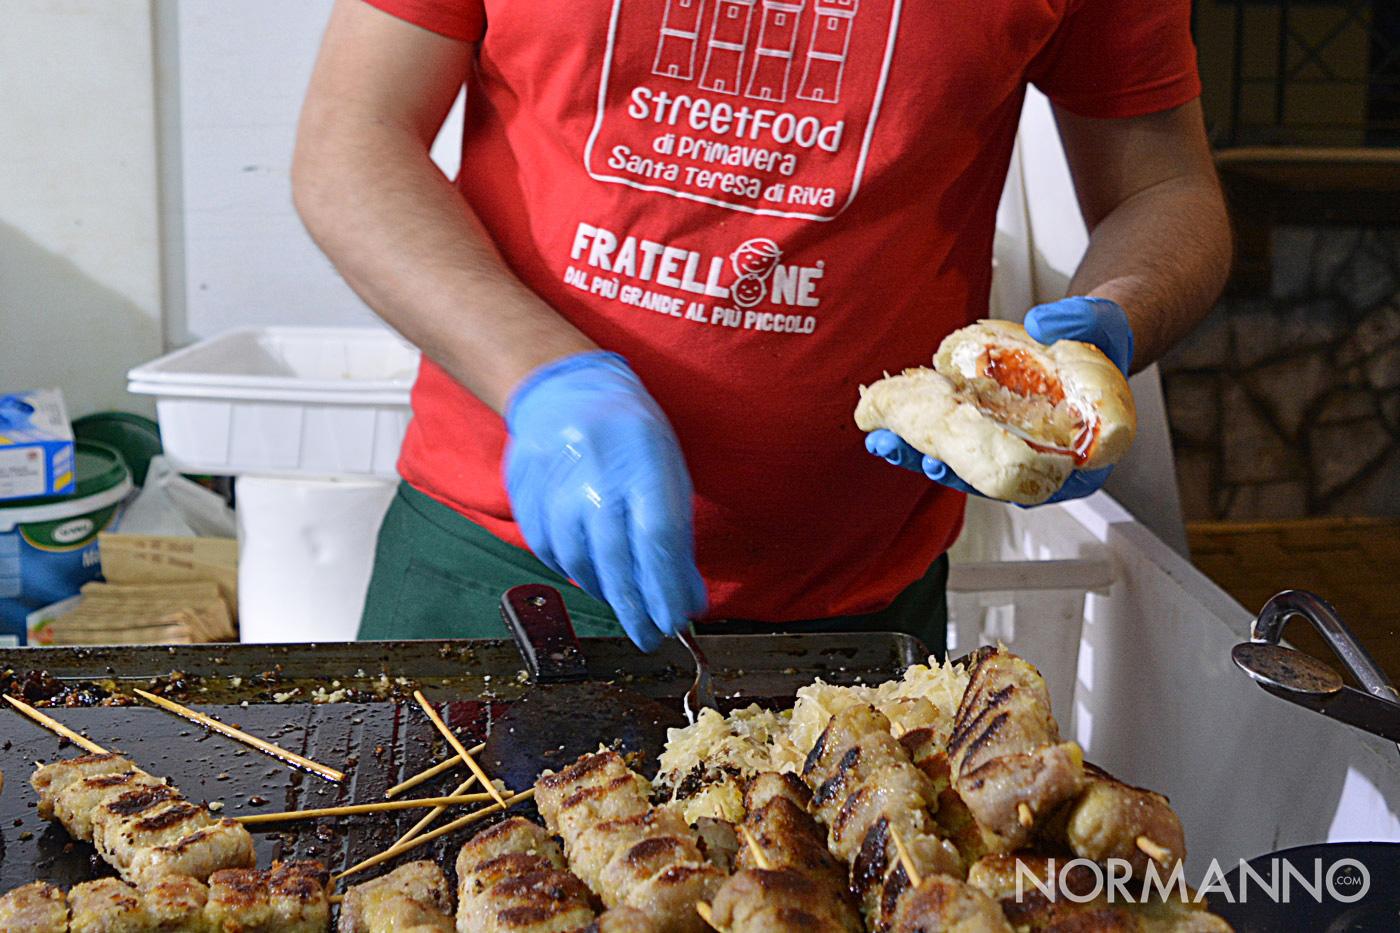 Foto del panino con le braciole allo Street Food di Primavera 2019